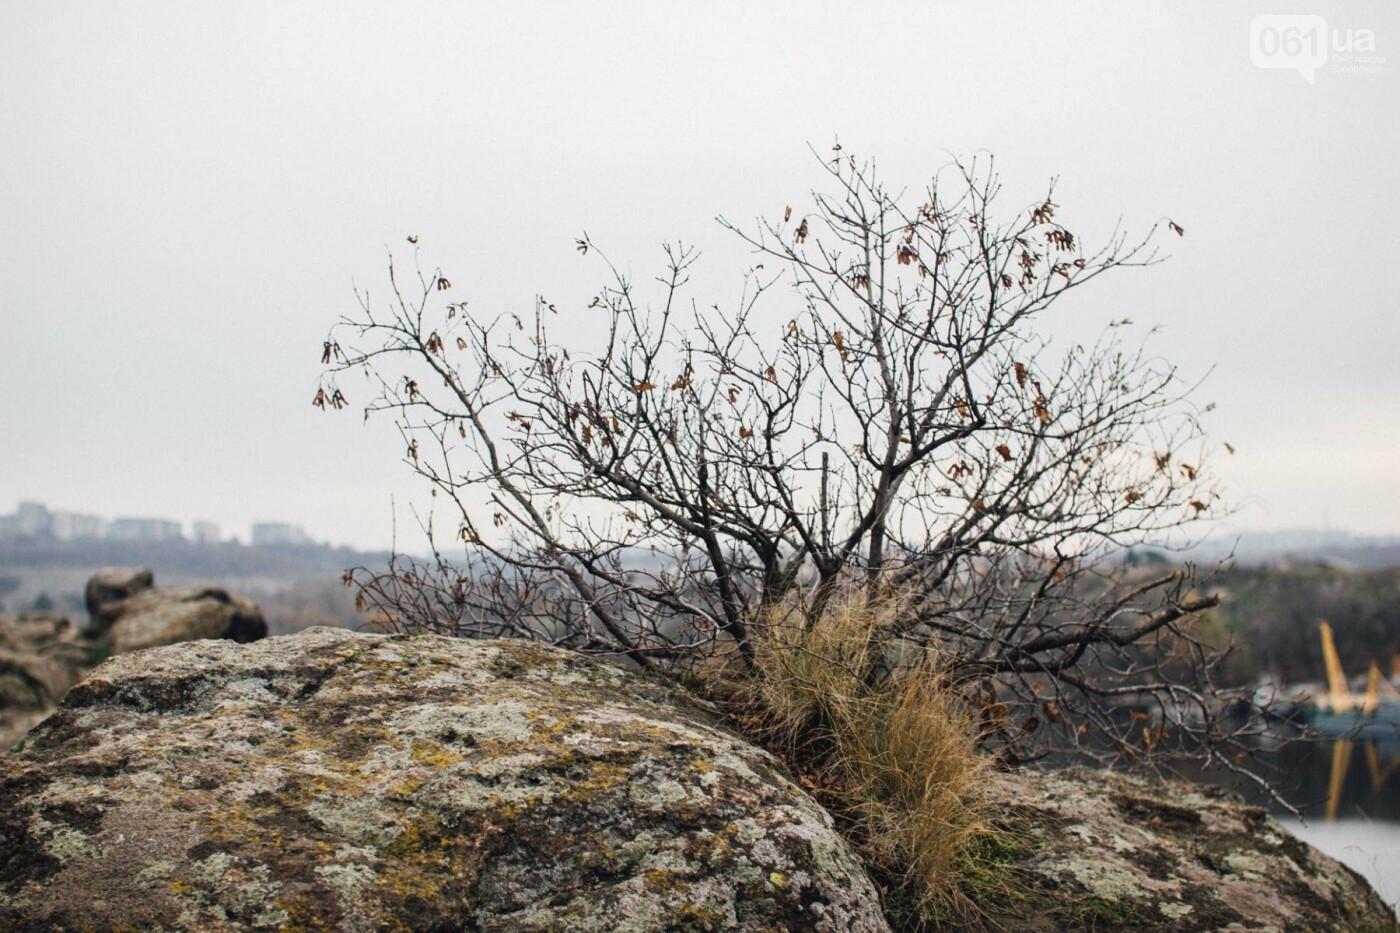 Четыре дня до зимы: как выглядит Хортица поздней осенью, - ФОТОРЕПОРТАЖ, фото-24